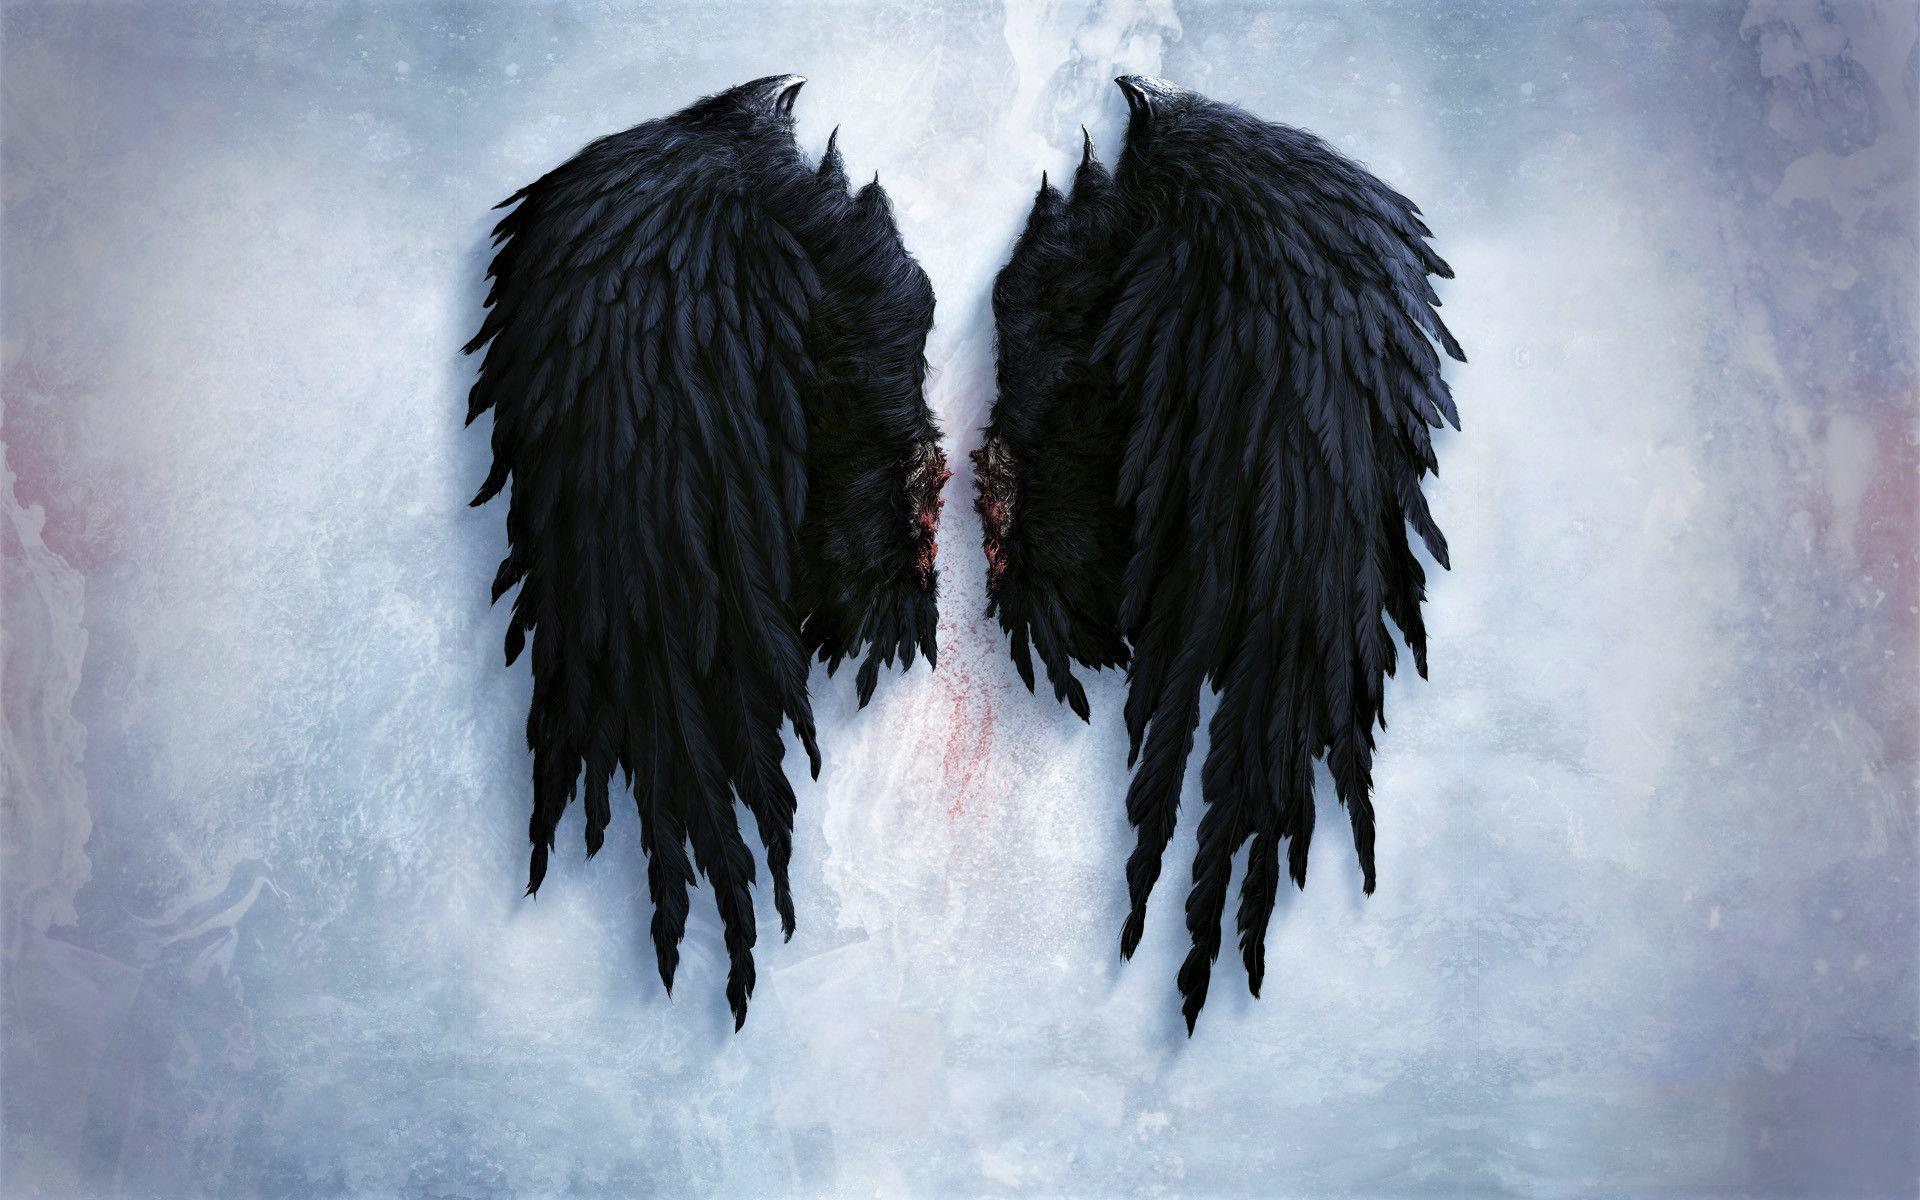 Black Angel Wings Fondo De Pantalla Hd Fondo De Escritorio